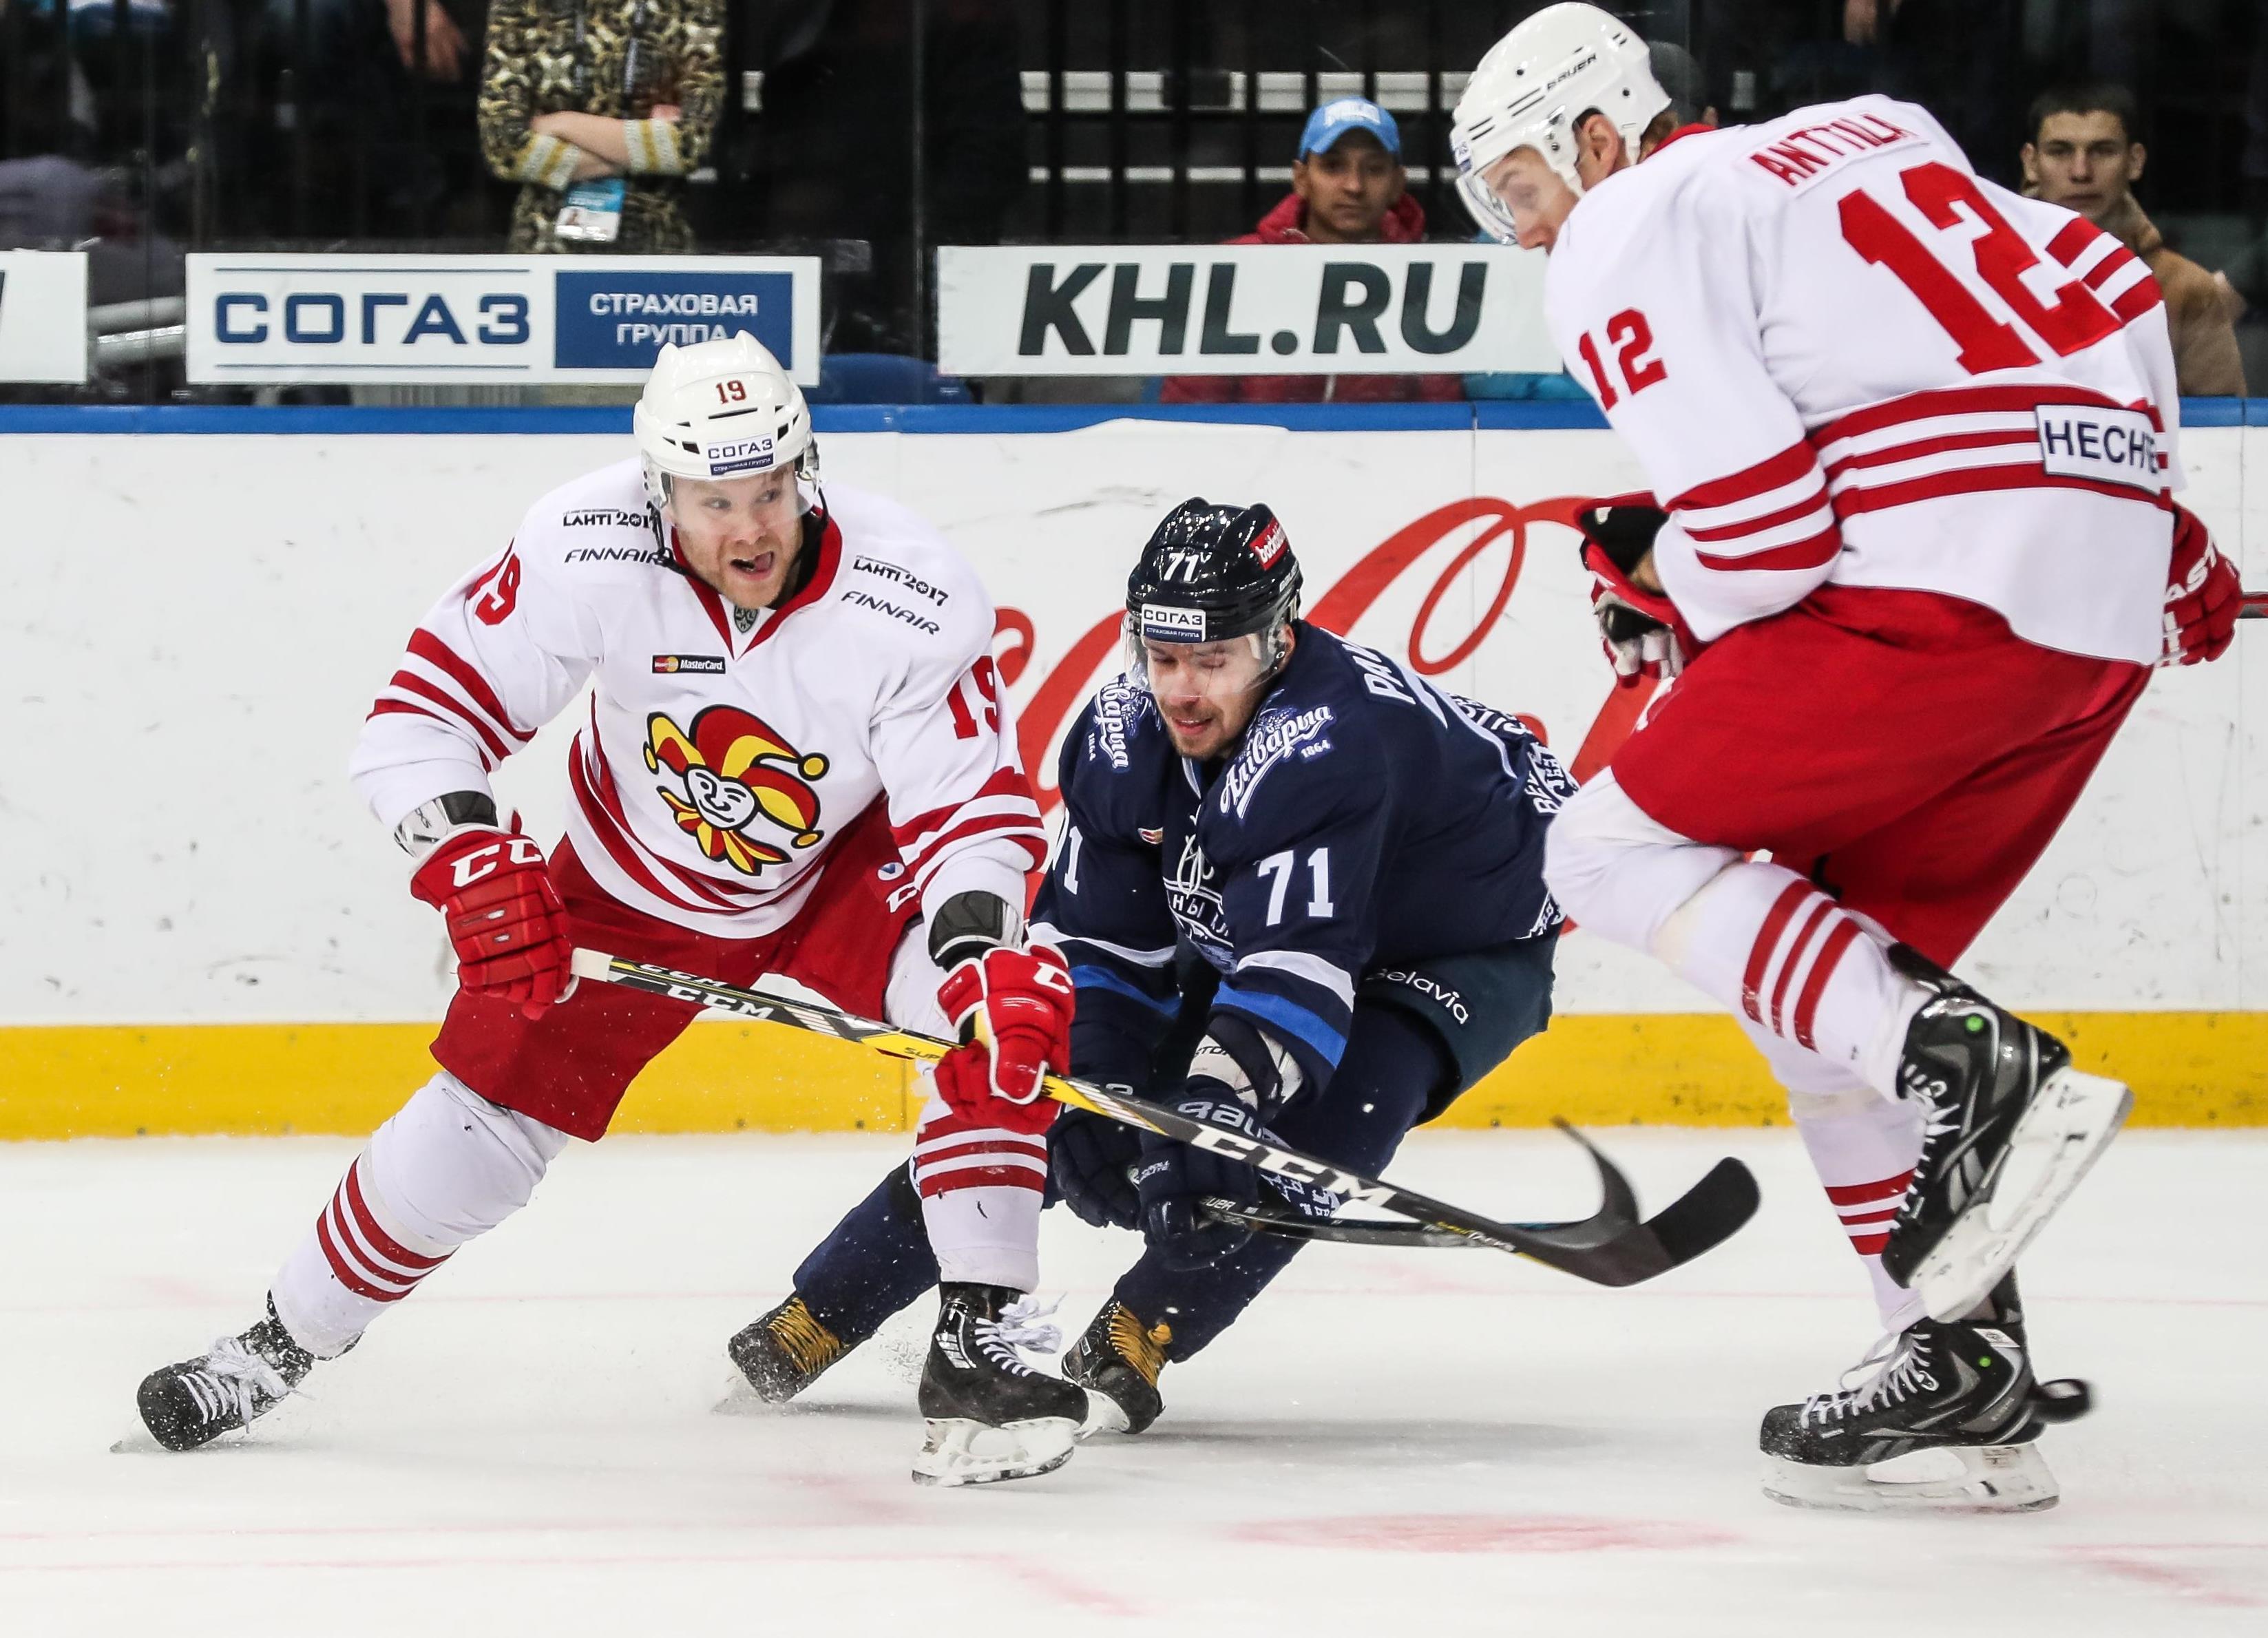 Jokerit Helsinki und Kunlun Red Star im Aufwind